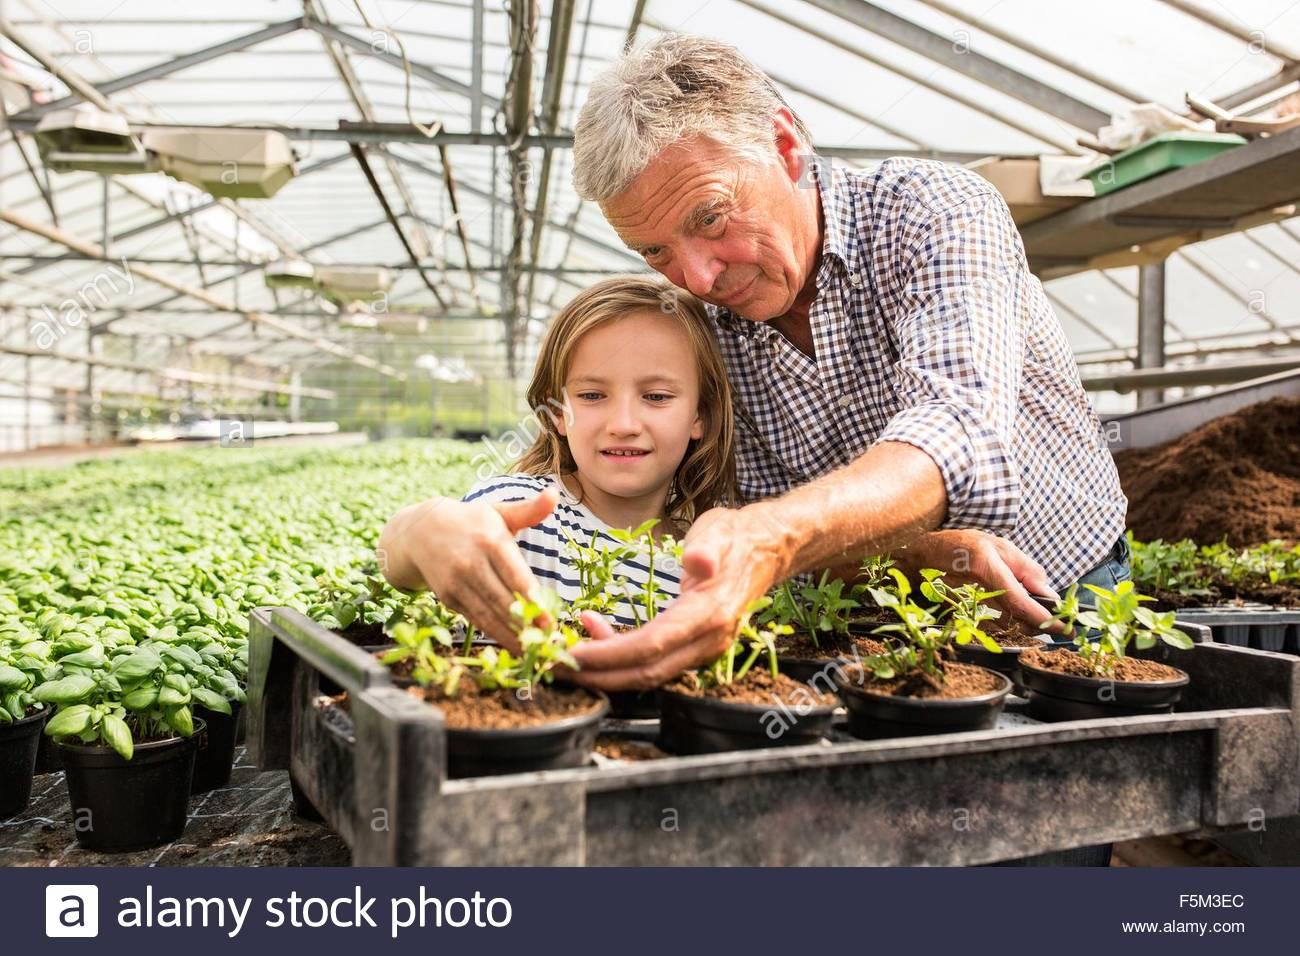 Brazo alrededor del abuelo nieta mirando las plántulas en macetas en invernadero Imagen De Stock